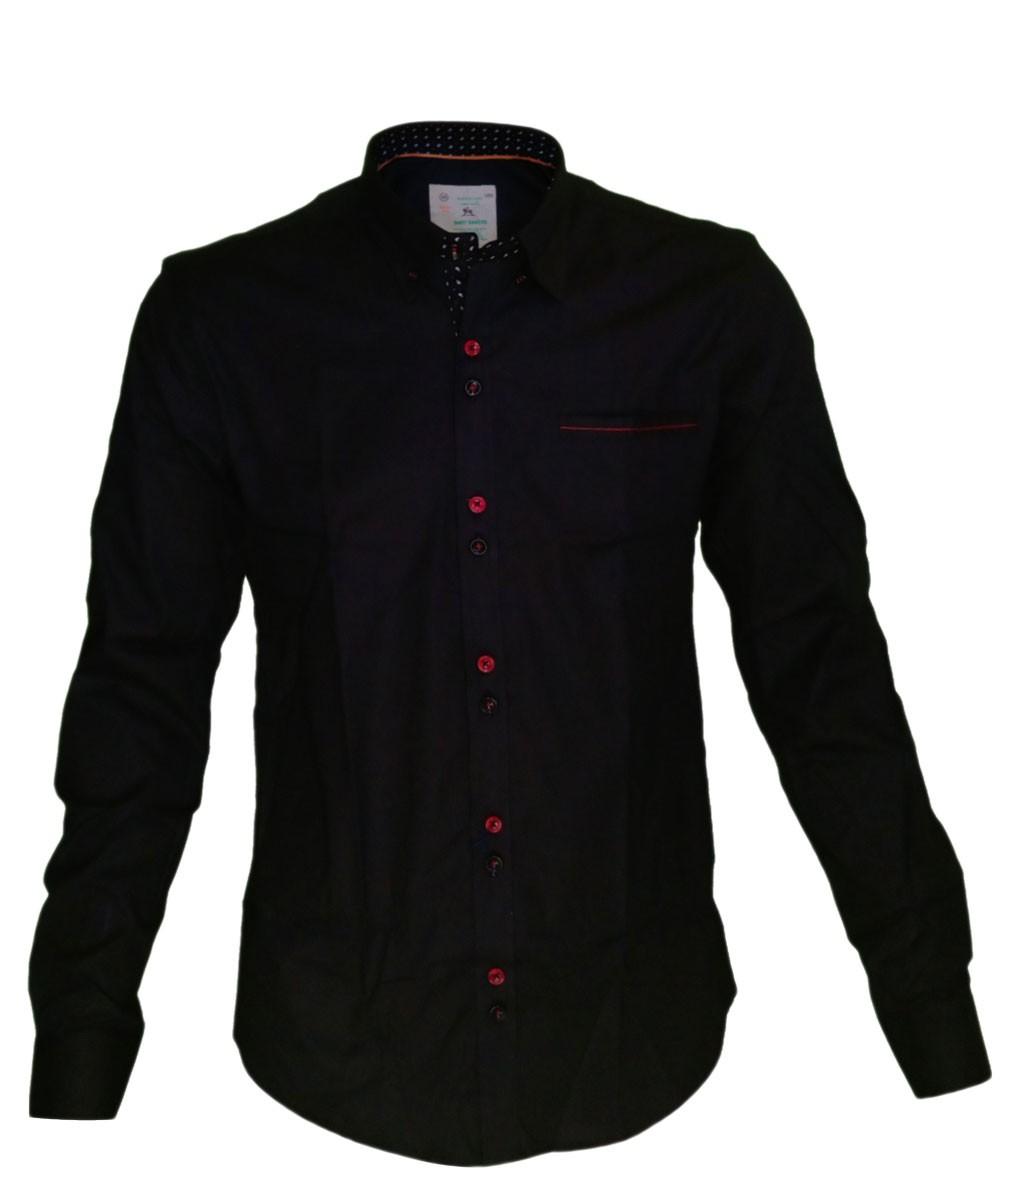 بالصور قميص رجالي , احدث صيحه من القميص الرجالى 5984 4